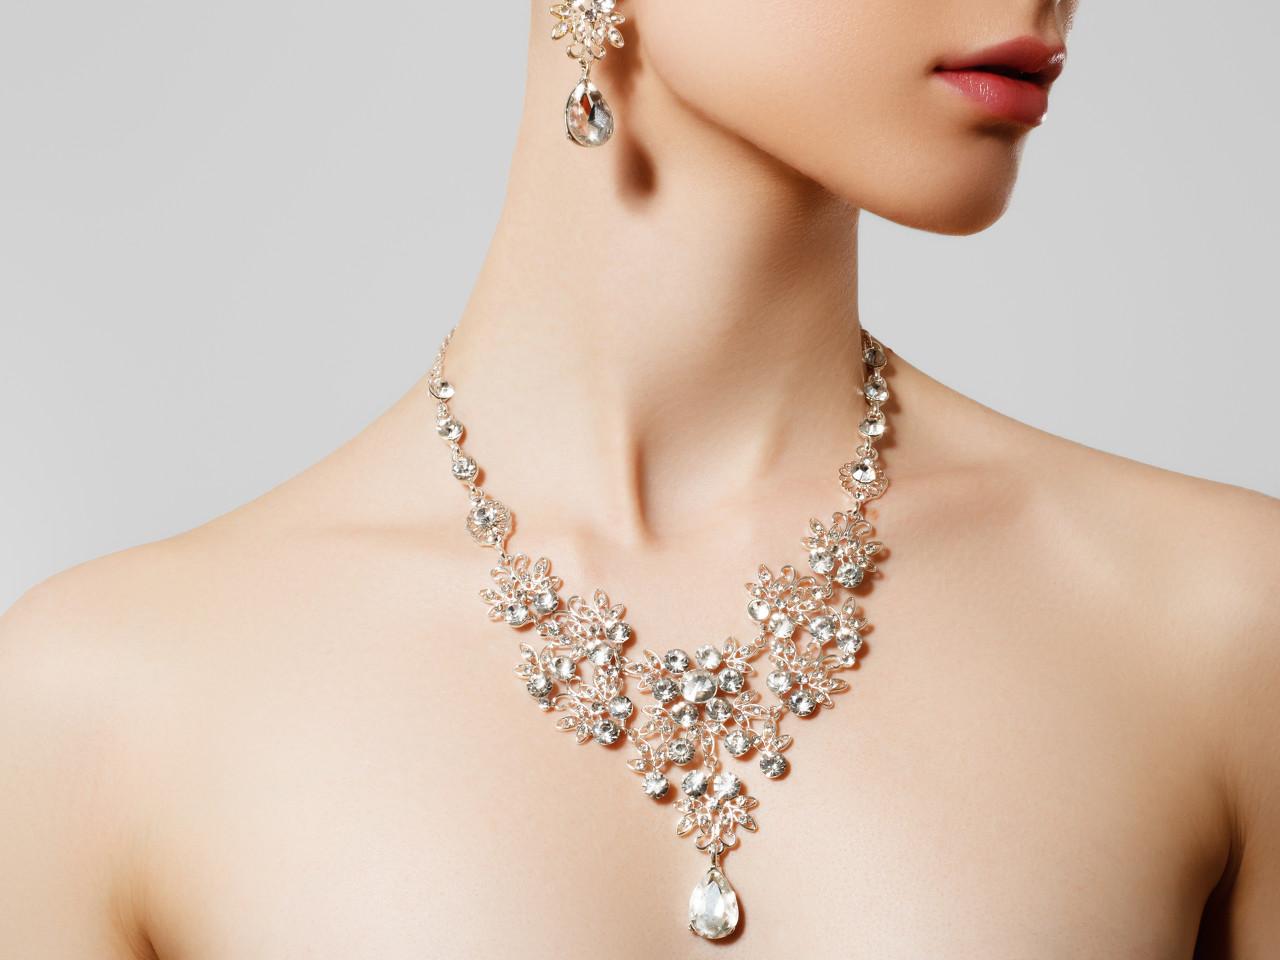 海瑞·温斯顿古董钻石耳钉以39万美元的高价成交